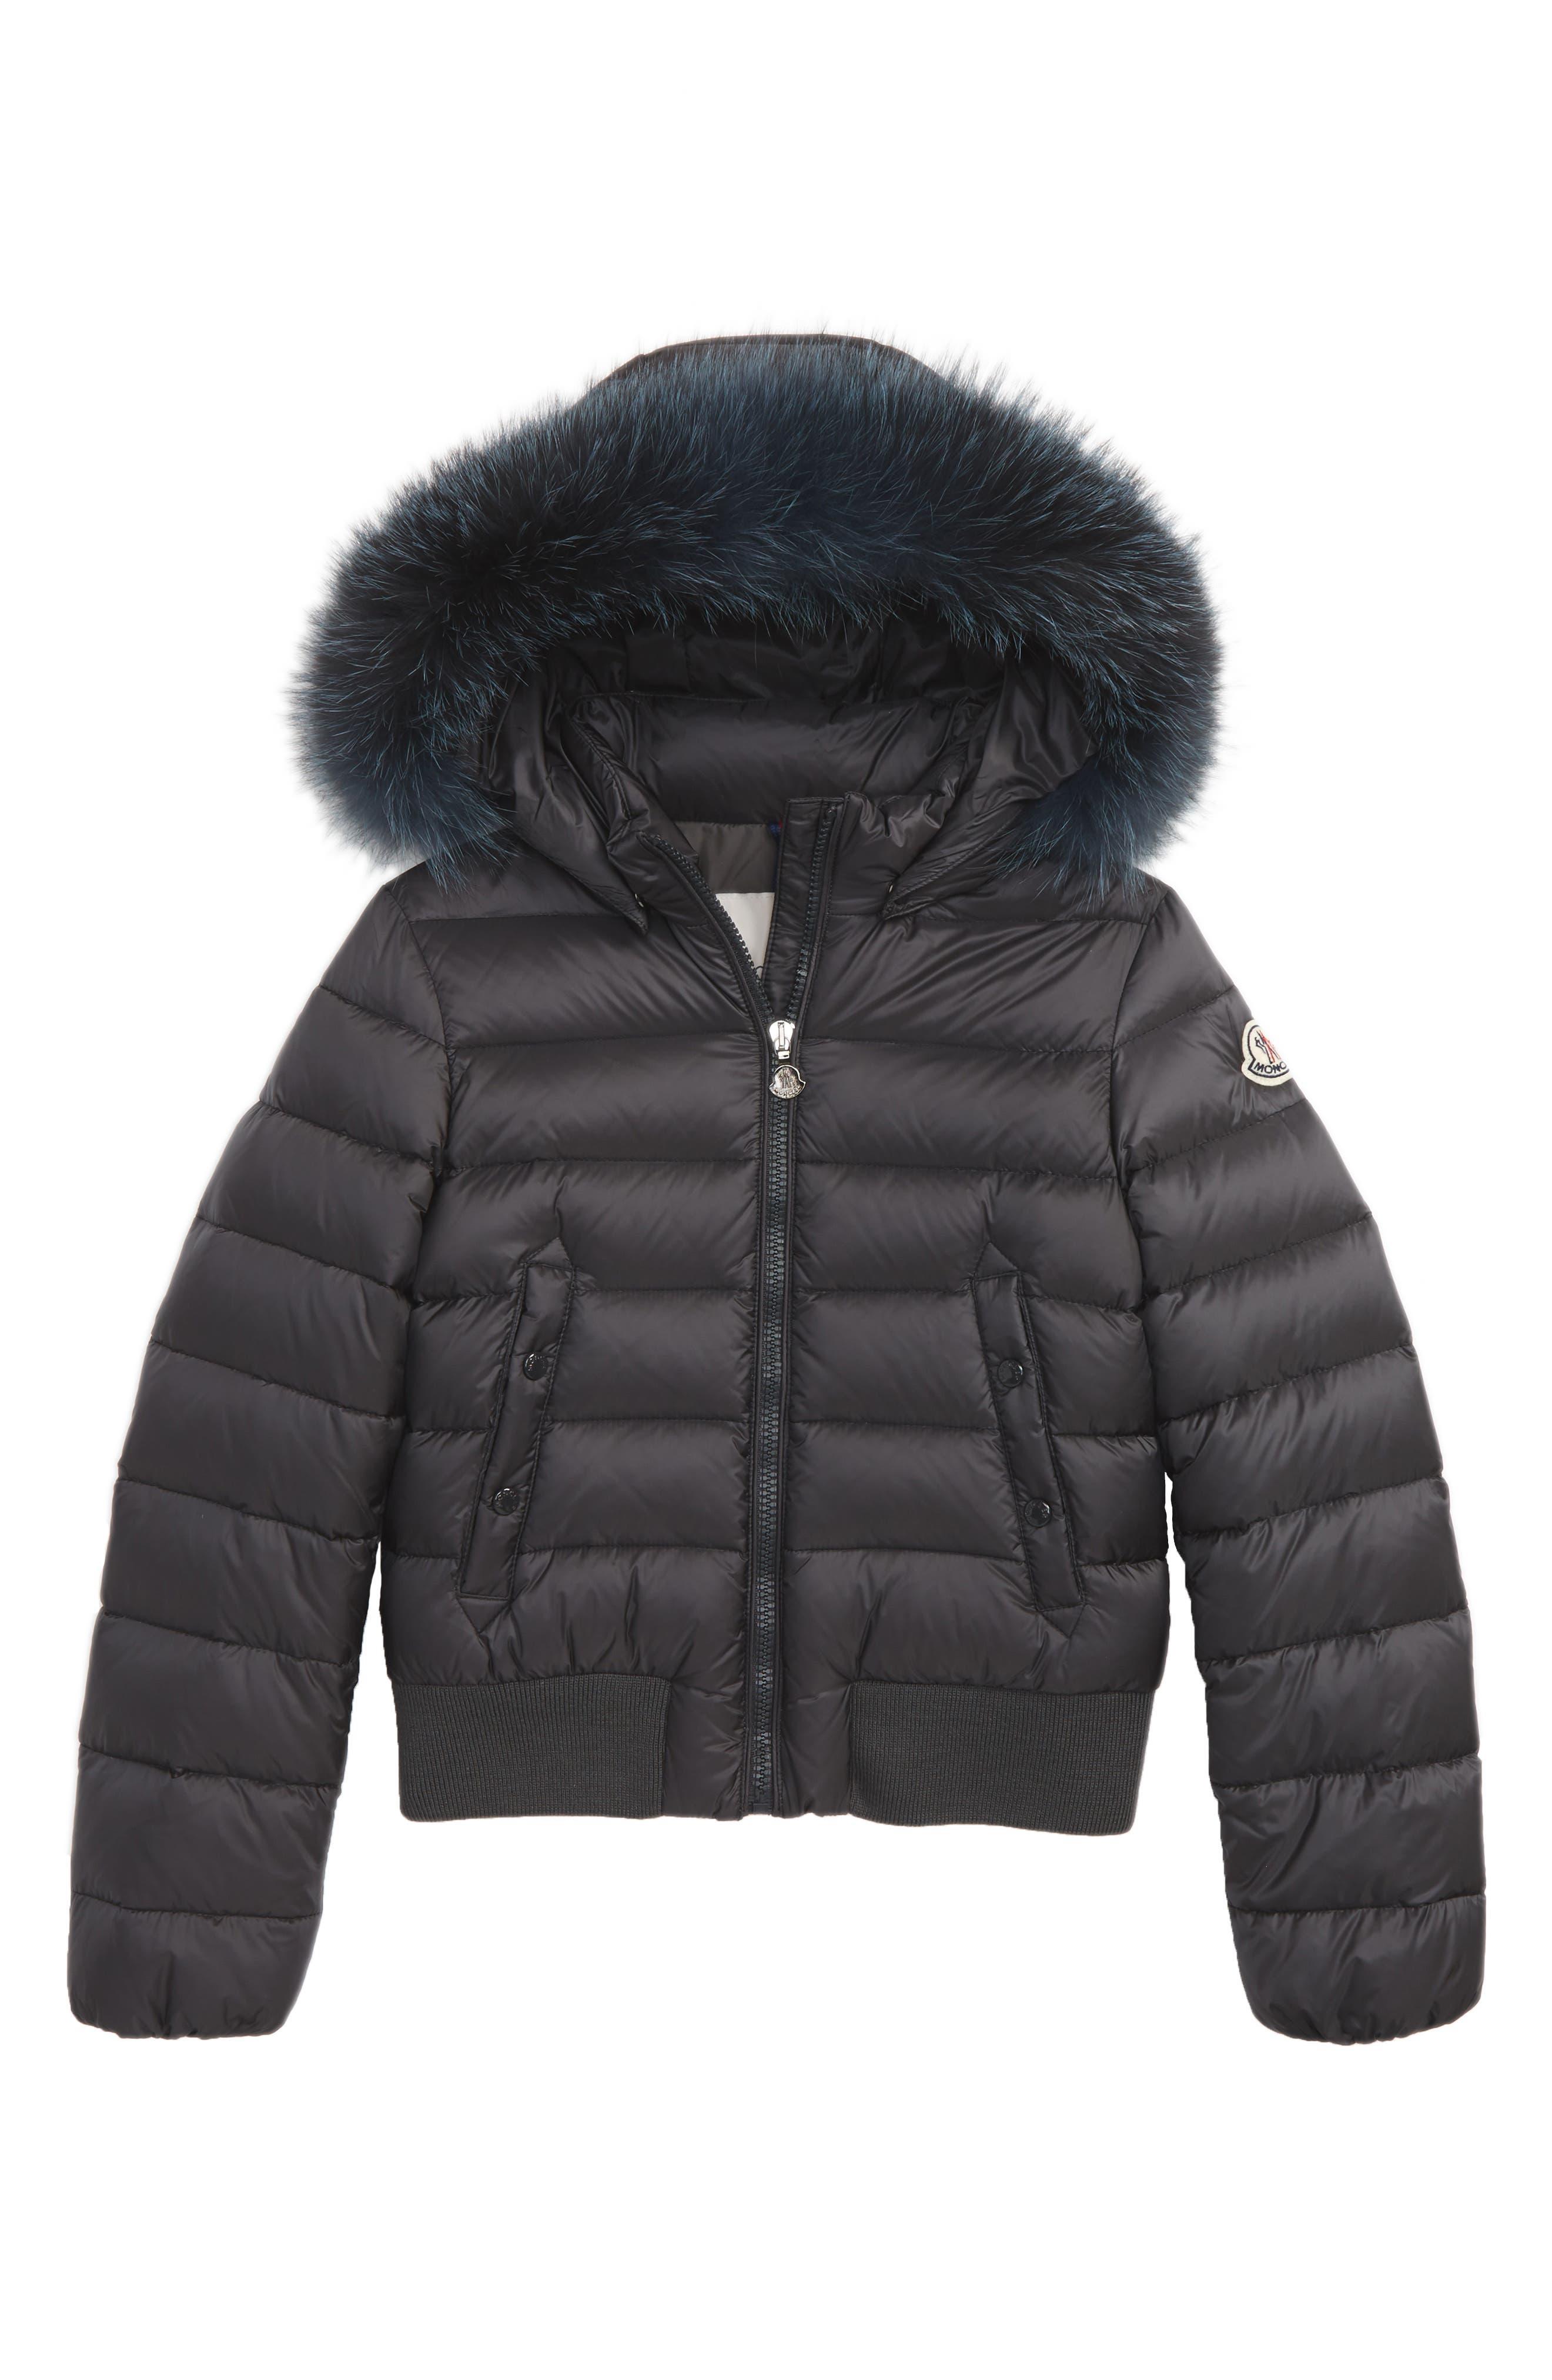 moncler childrens jacket sale